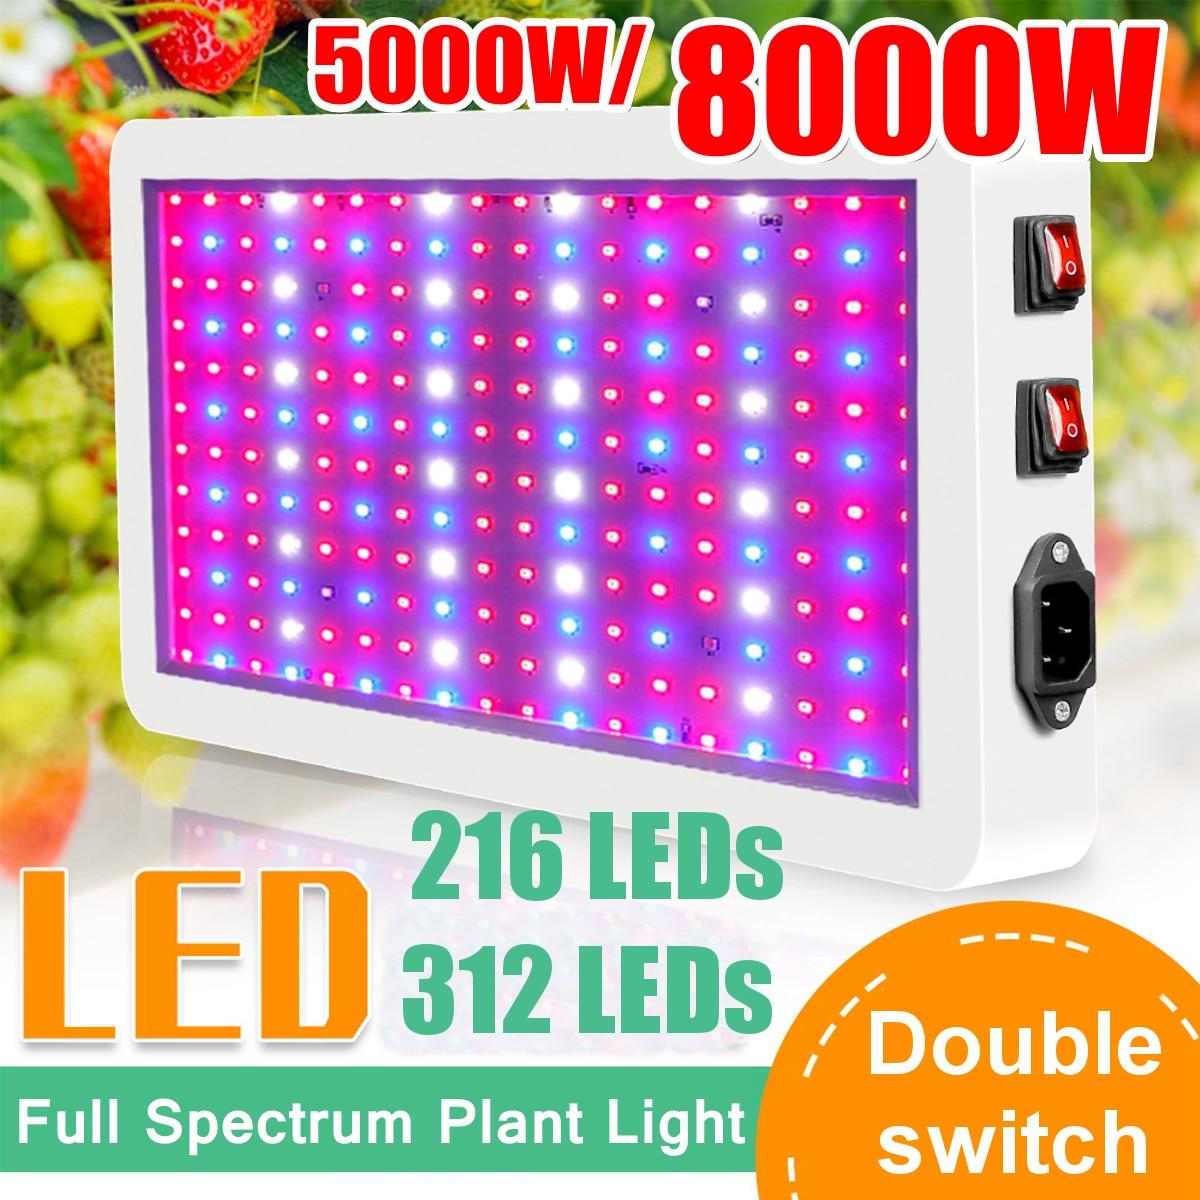 Gesamte Spektrum mit LED Wachsen Licht Panel 8000W Pro Wachsen Lampen Hydrokultur Hängen Kit für Indoor Pflanzen AC85 zu 265V